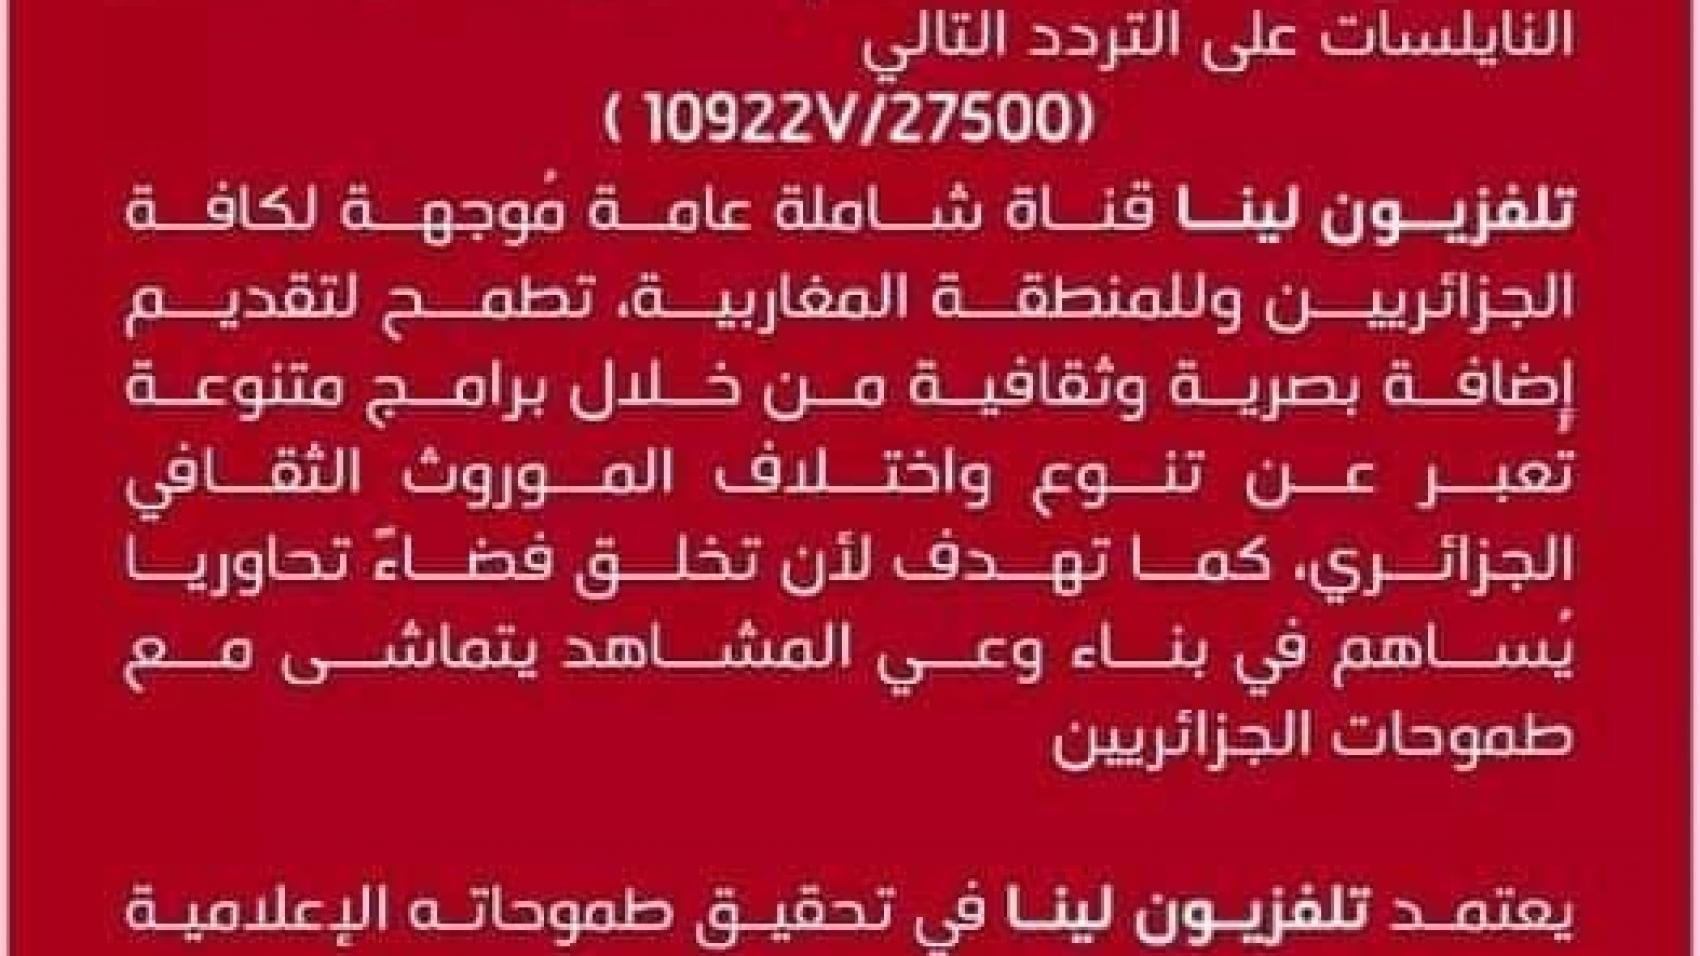 59A5B146-23C1-4770-BC61-17D71D3CD12E